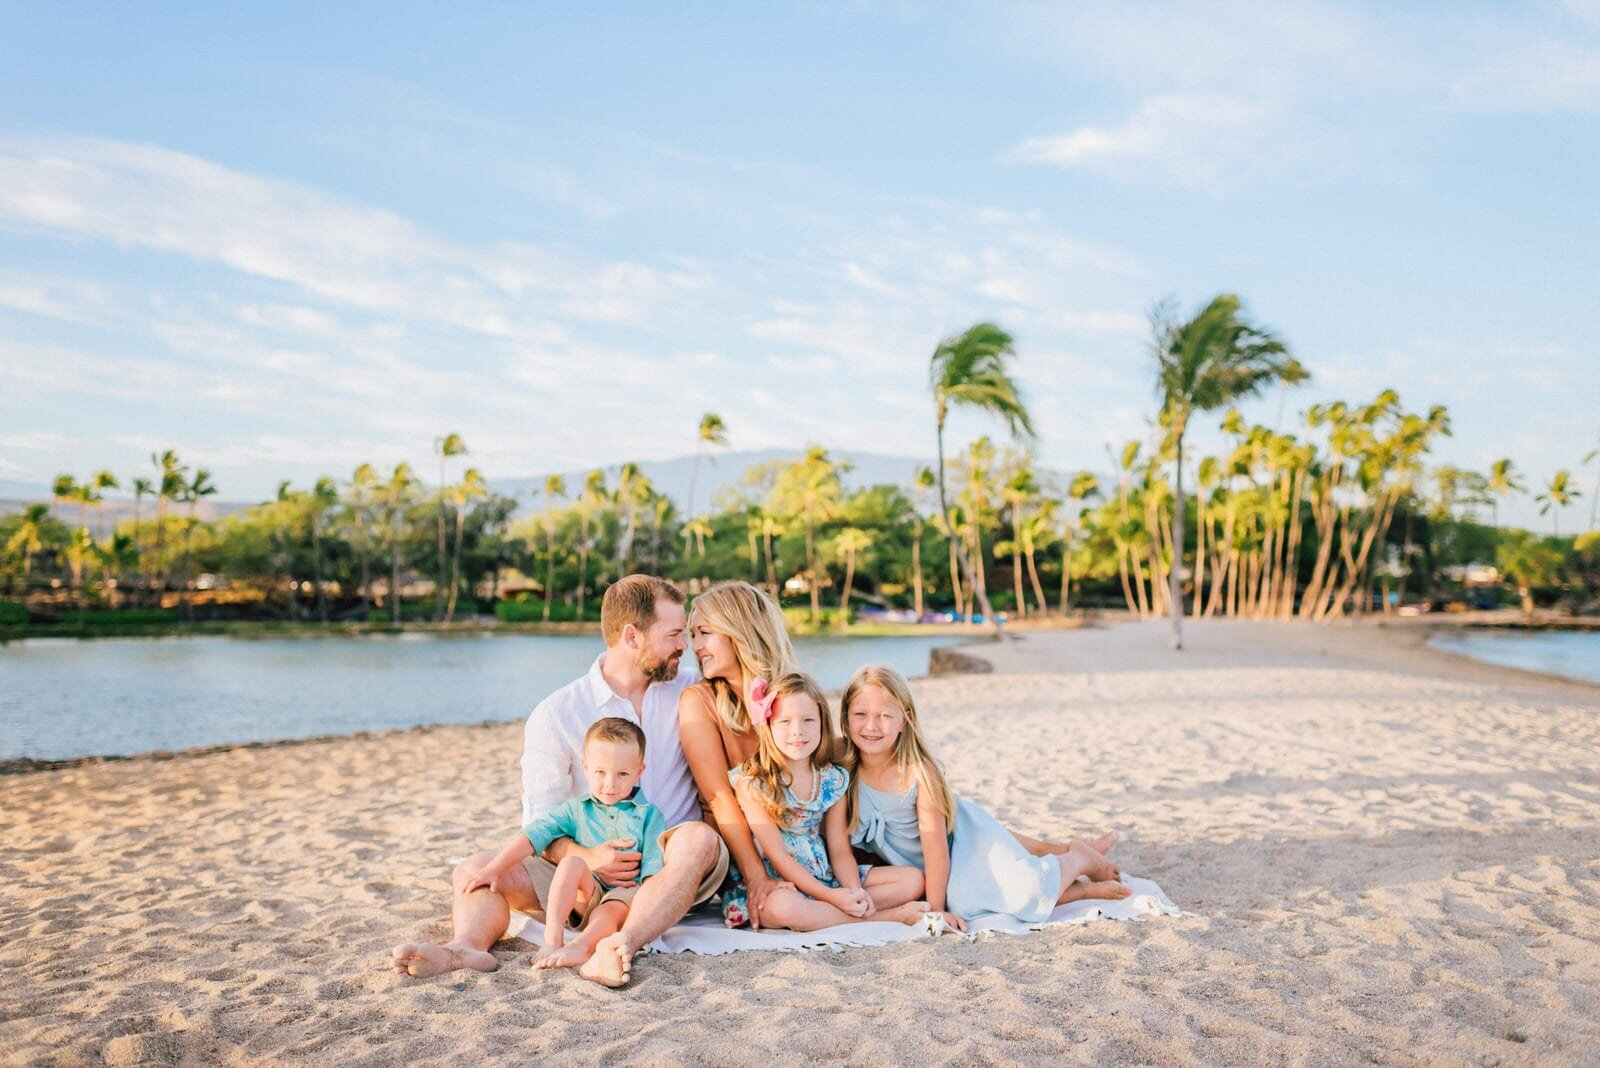 hawaii-family-photos-sunrise-11.jpg